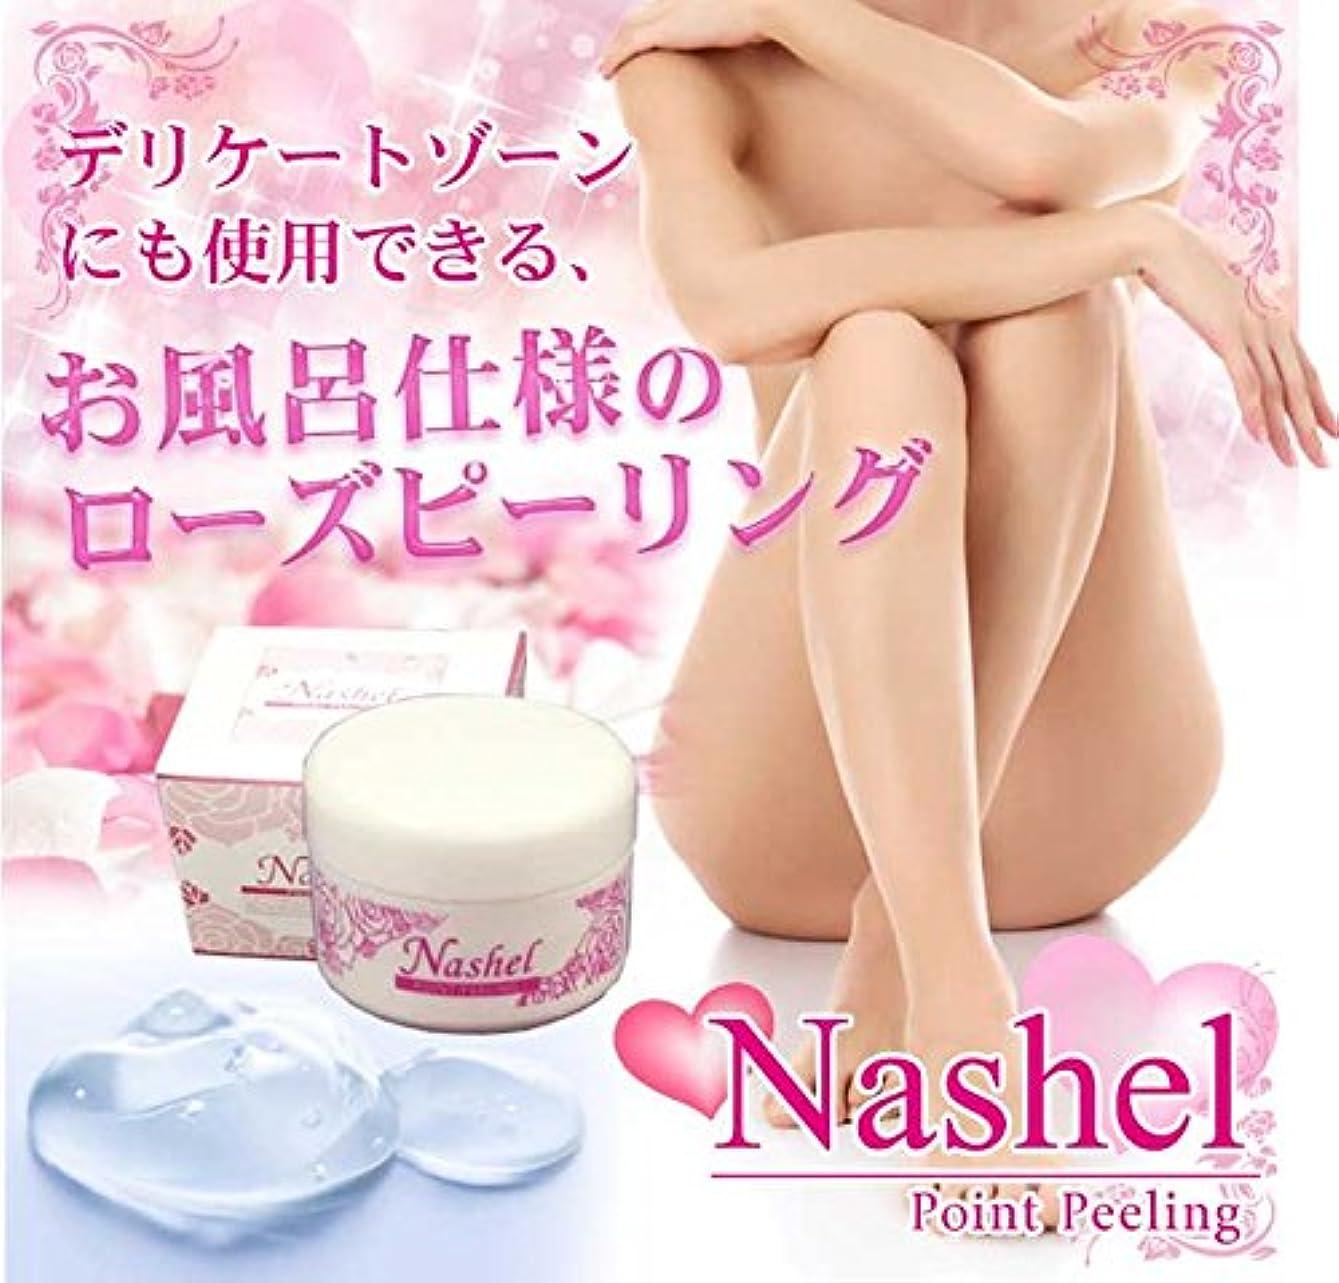 実質的風邪をひく区画Nashel point peeling(ナシェル ポイントピーリング)